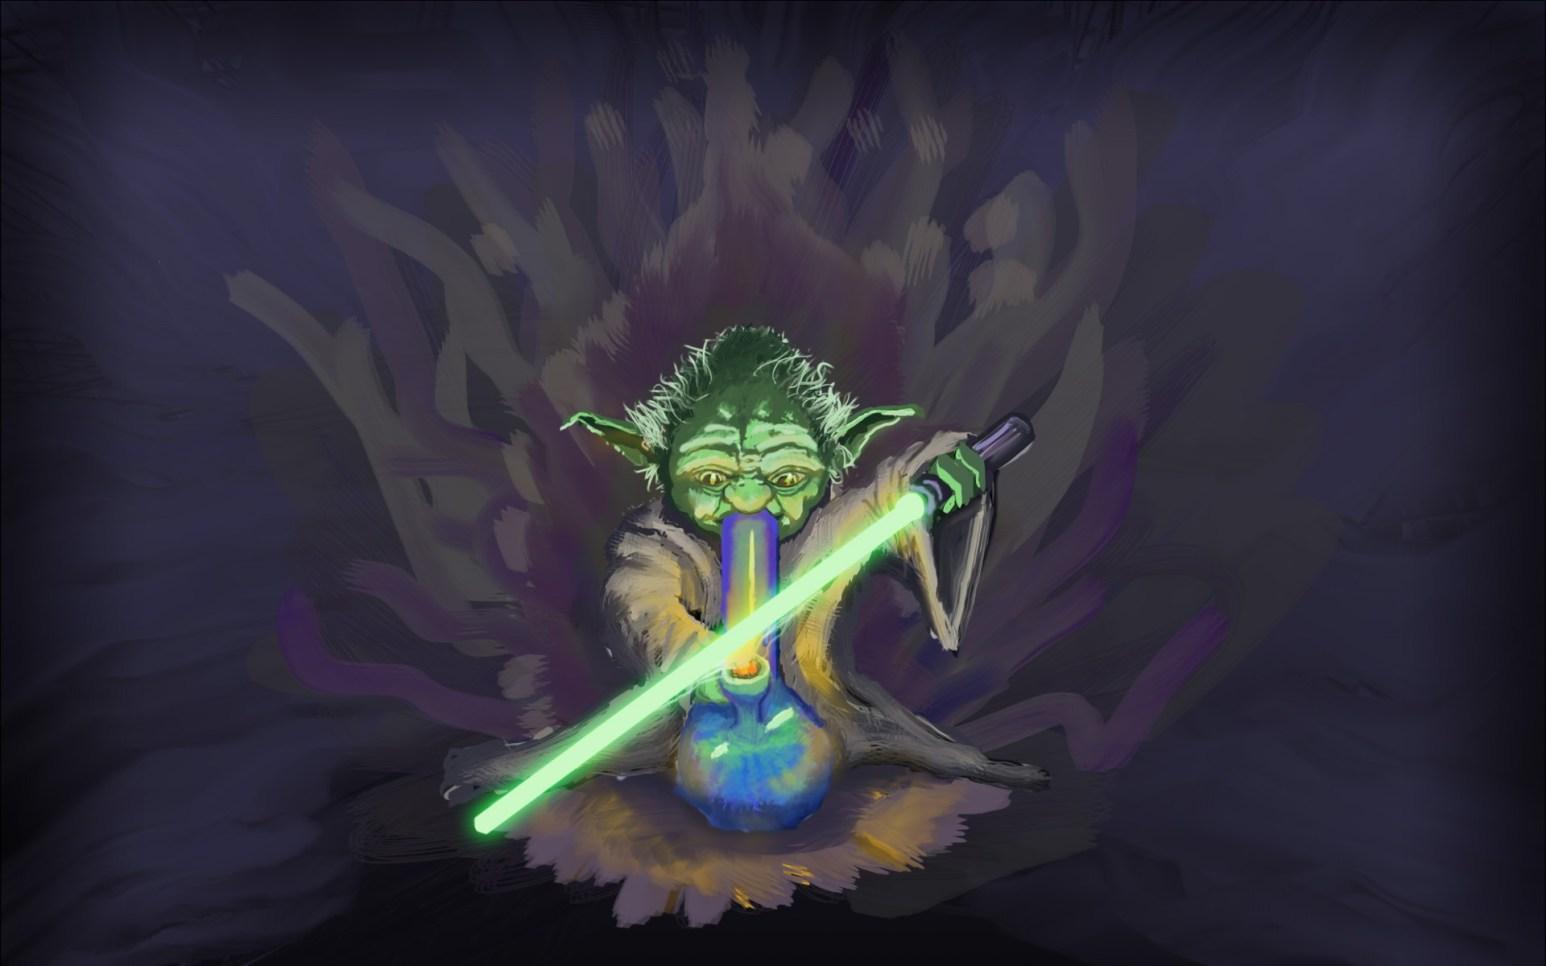 Yoda smoker